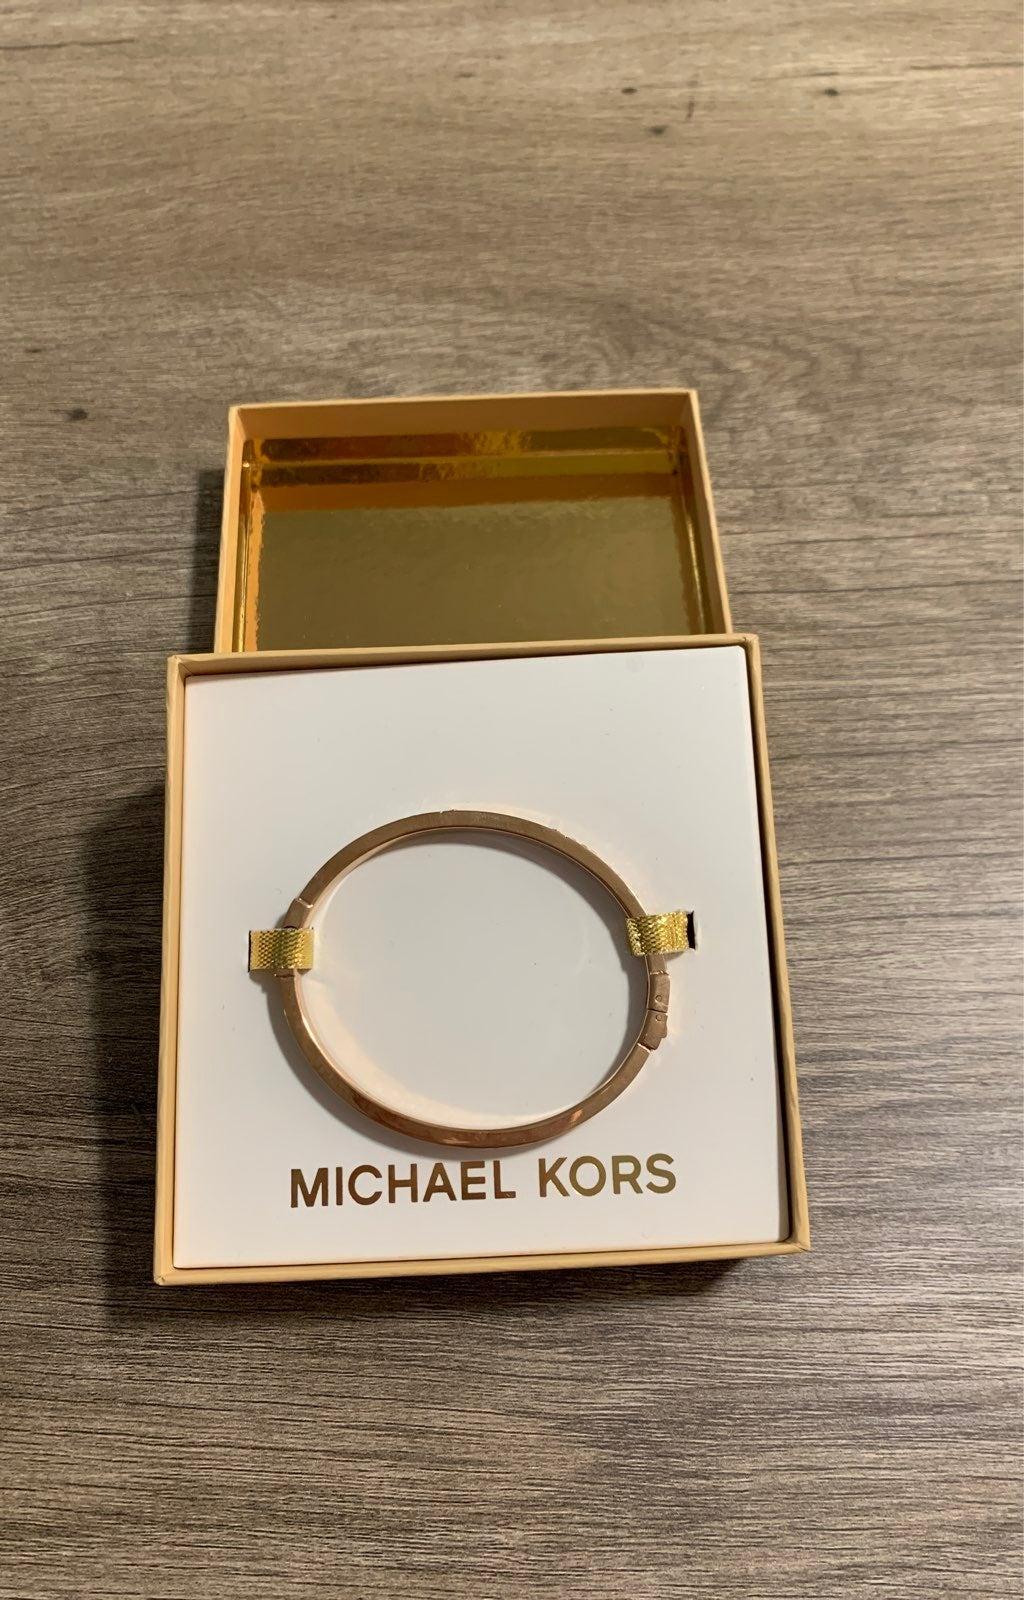 *BRAND NEW* Michael Kors bracelet